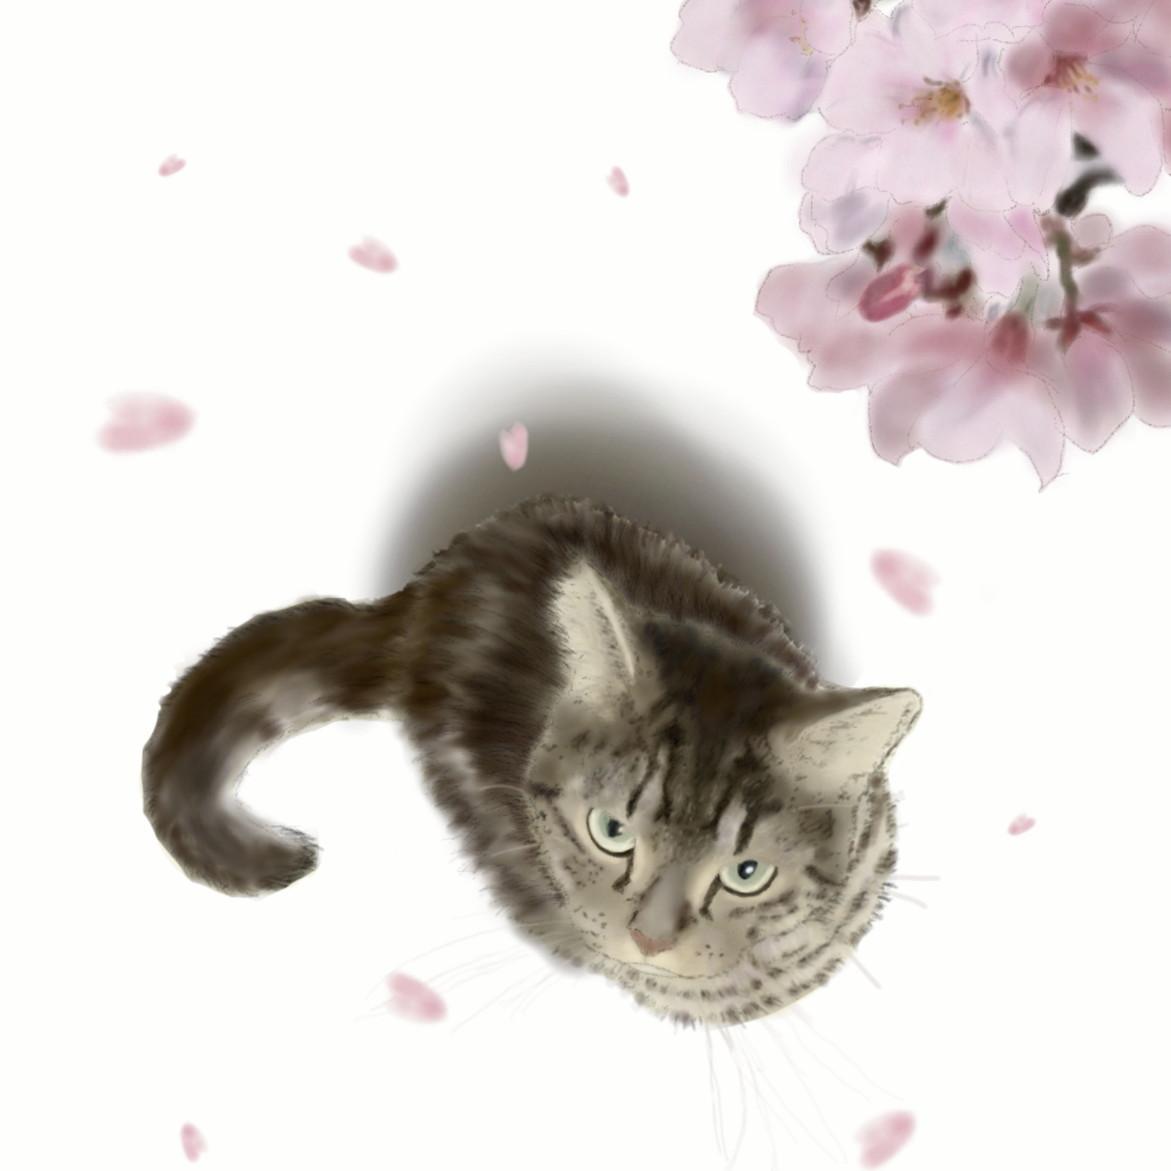 絵画 インテリア アートパネル 雑貨 壁掛け 置物 おしゃれ 猫 動物 桜 デジタルアート ロココロ 画家 : rune 作品 : 桜と猫